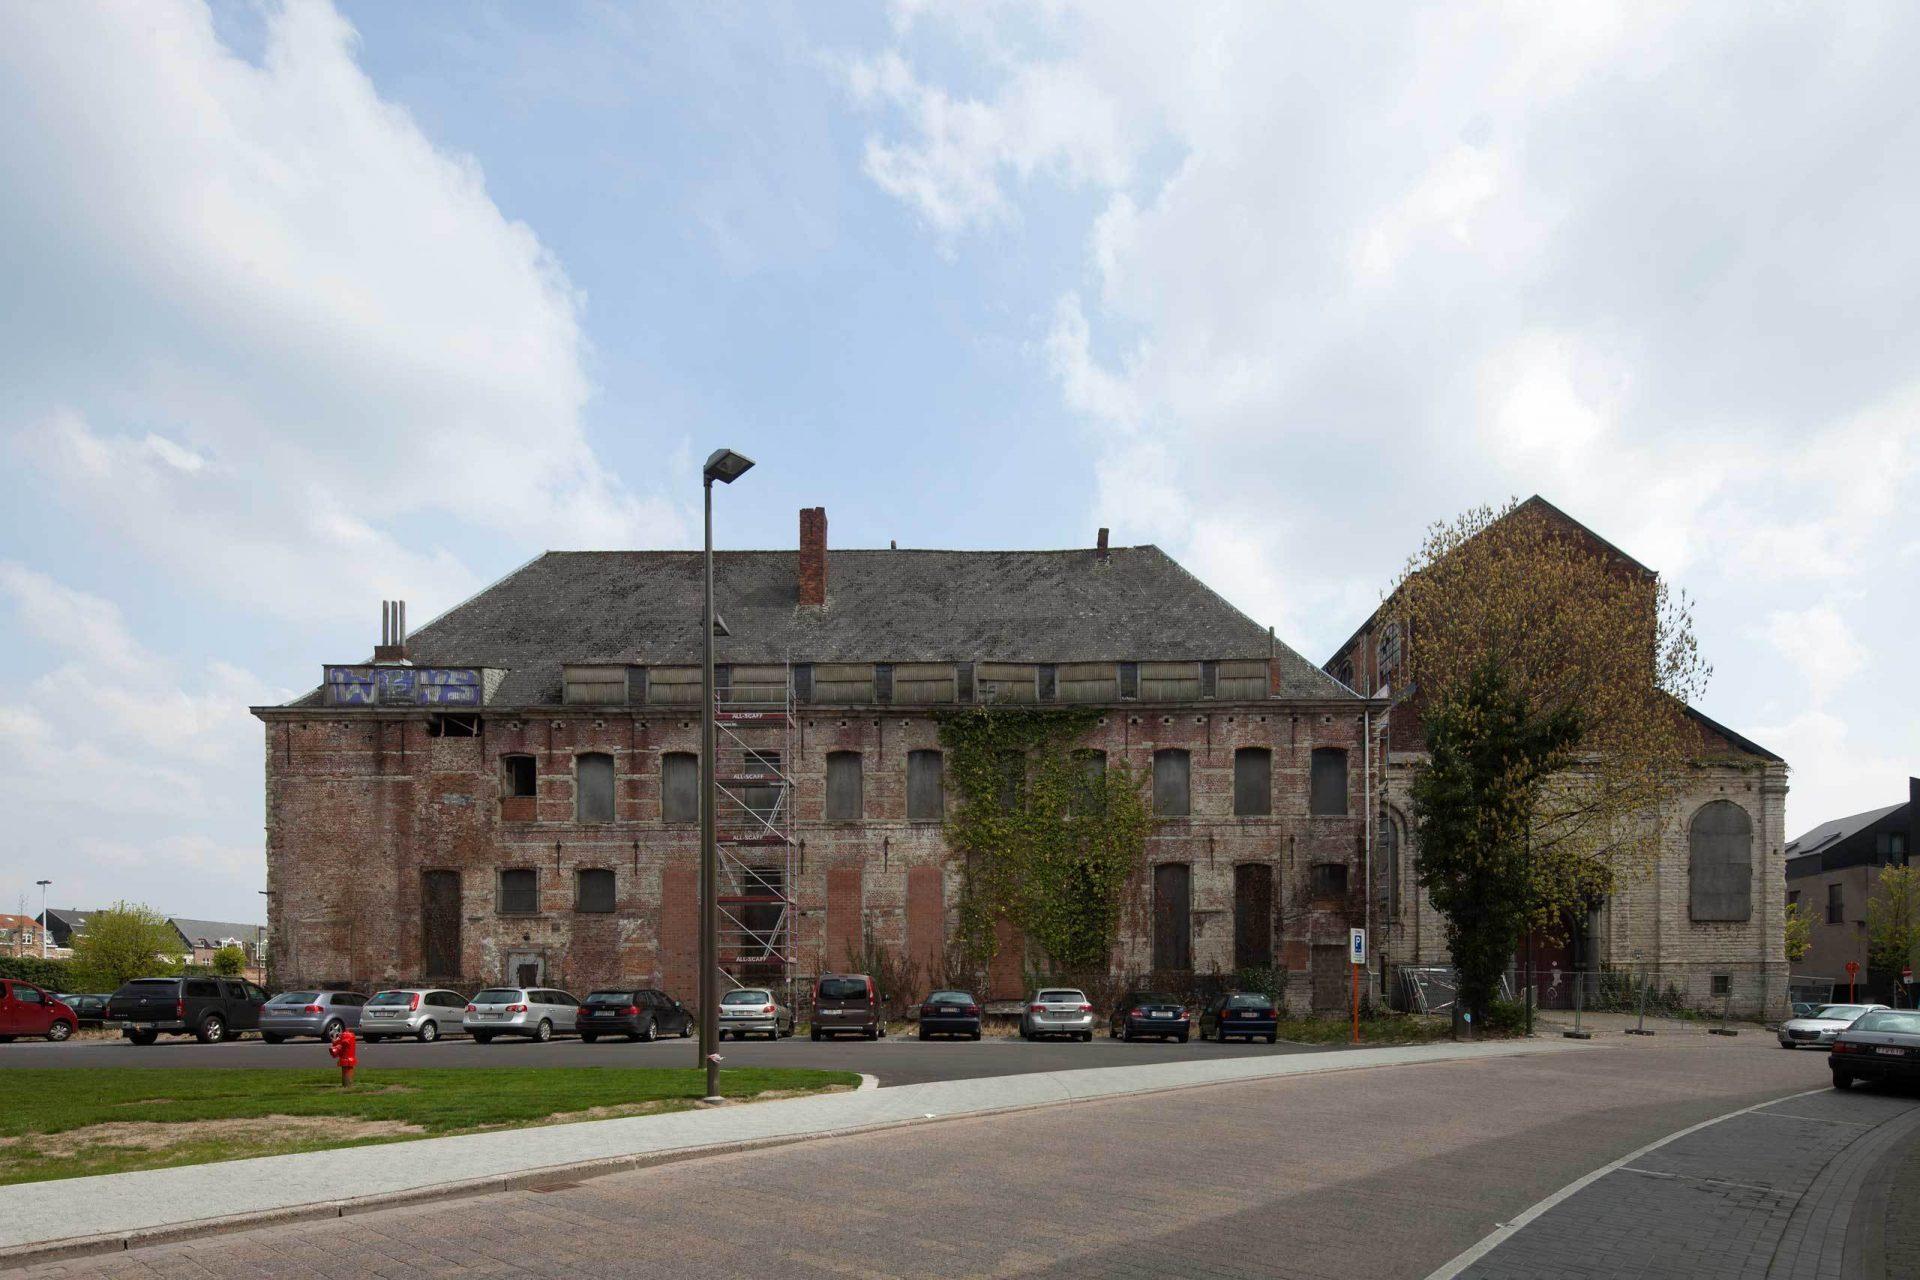 Mechelen Existing Facade